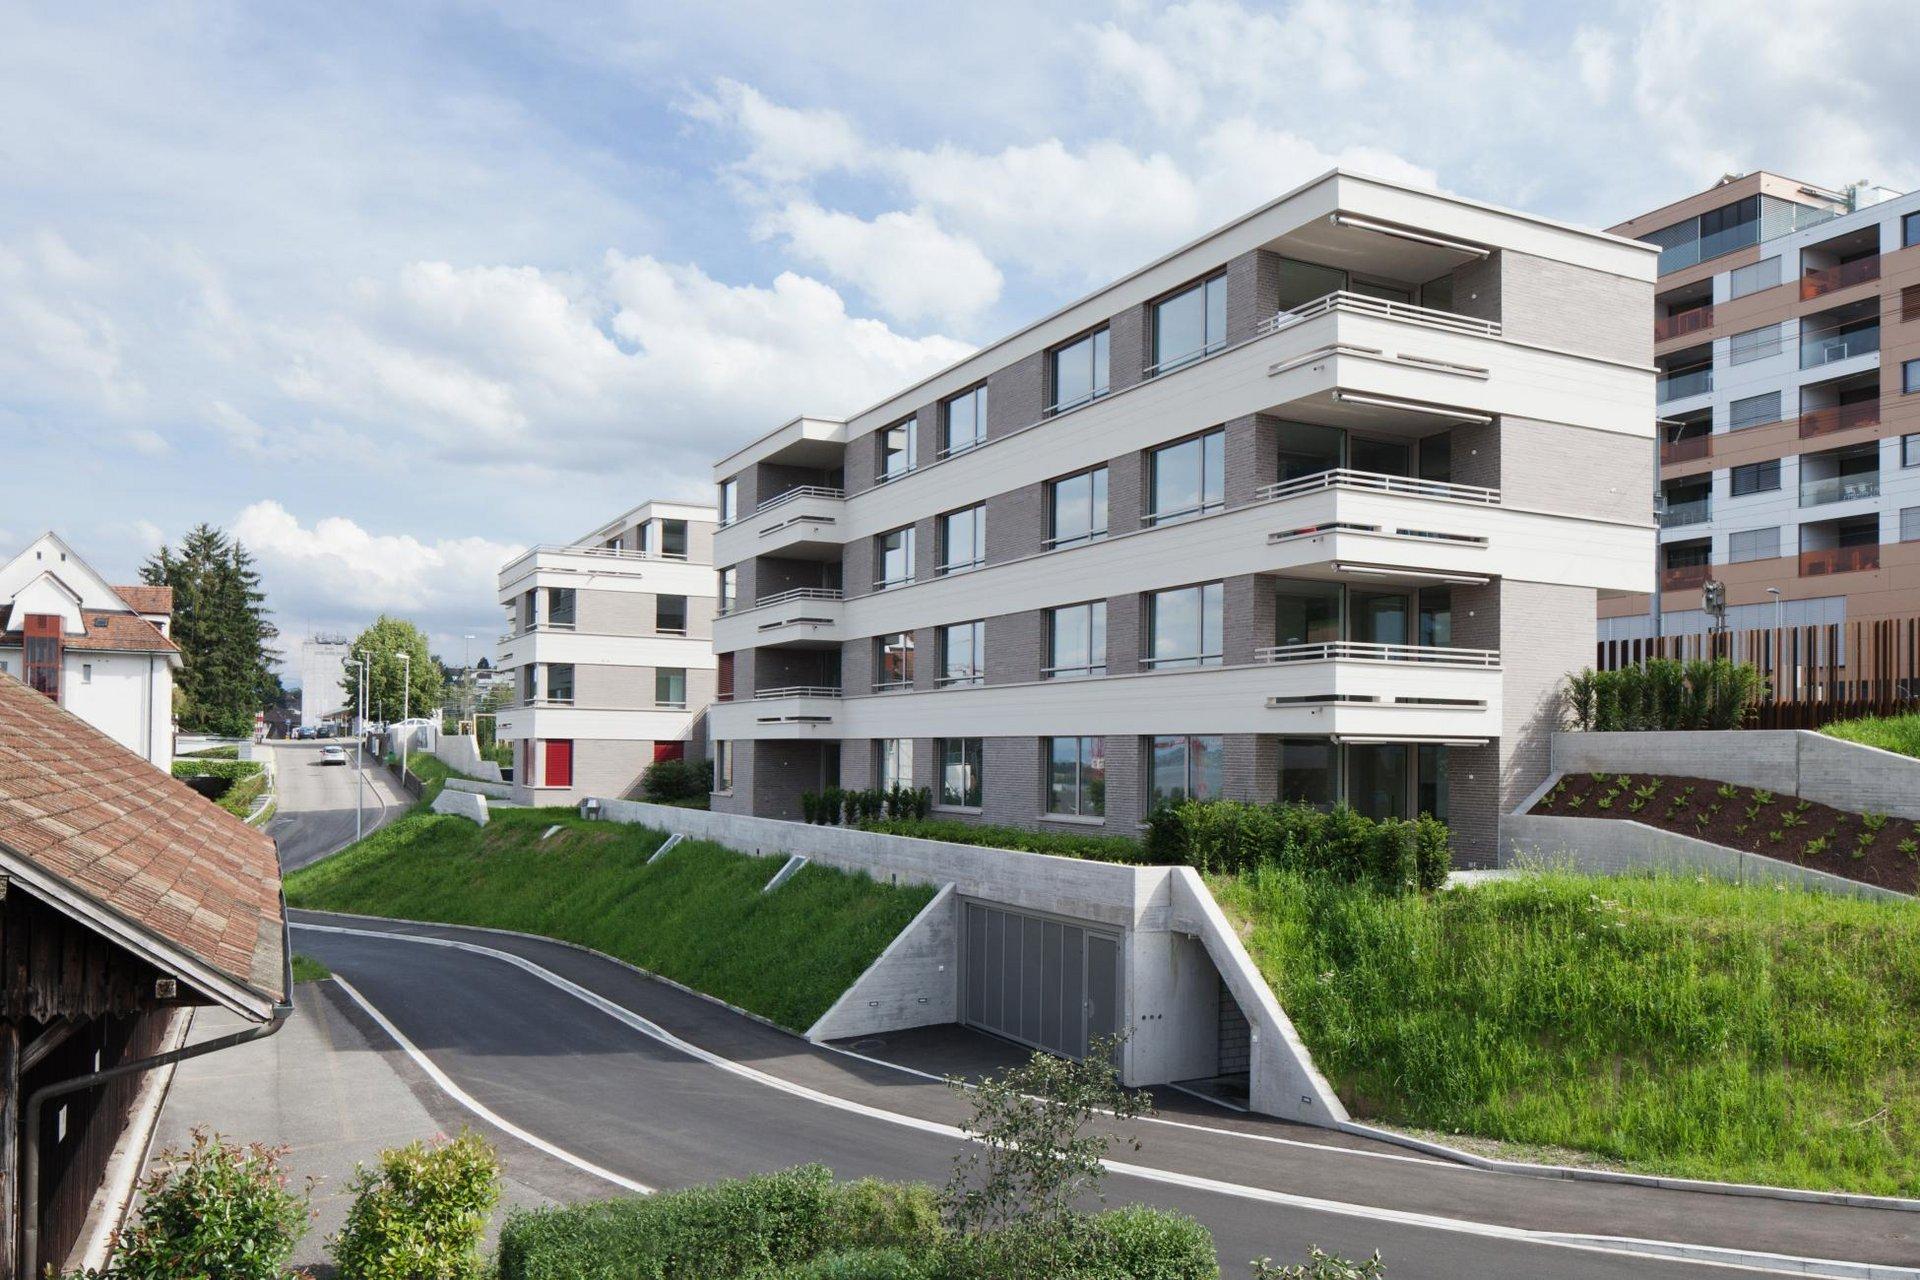 Wohnblock 3-stöckig mit grossen Fenstern und Hebe-Schiebetüren